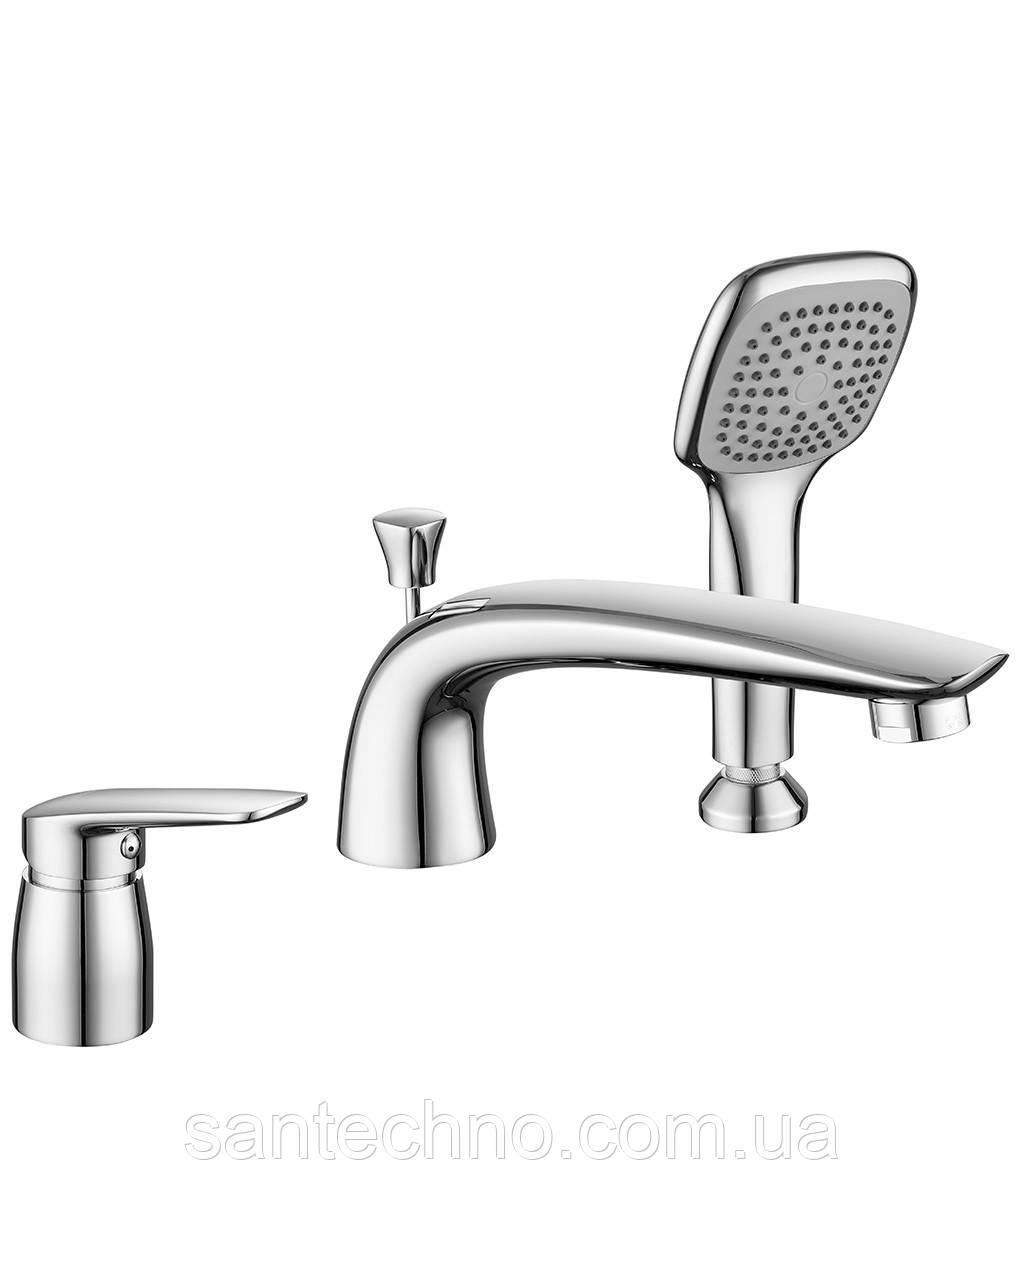 Врезной смеситель для ванны Imprese PRAHA new  85030 new